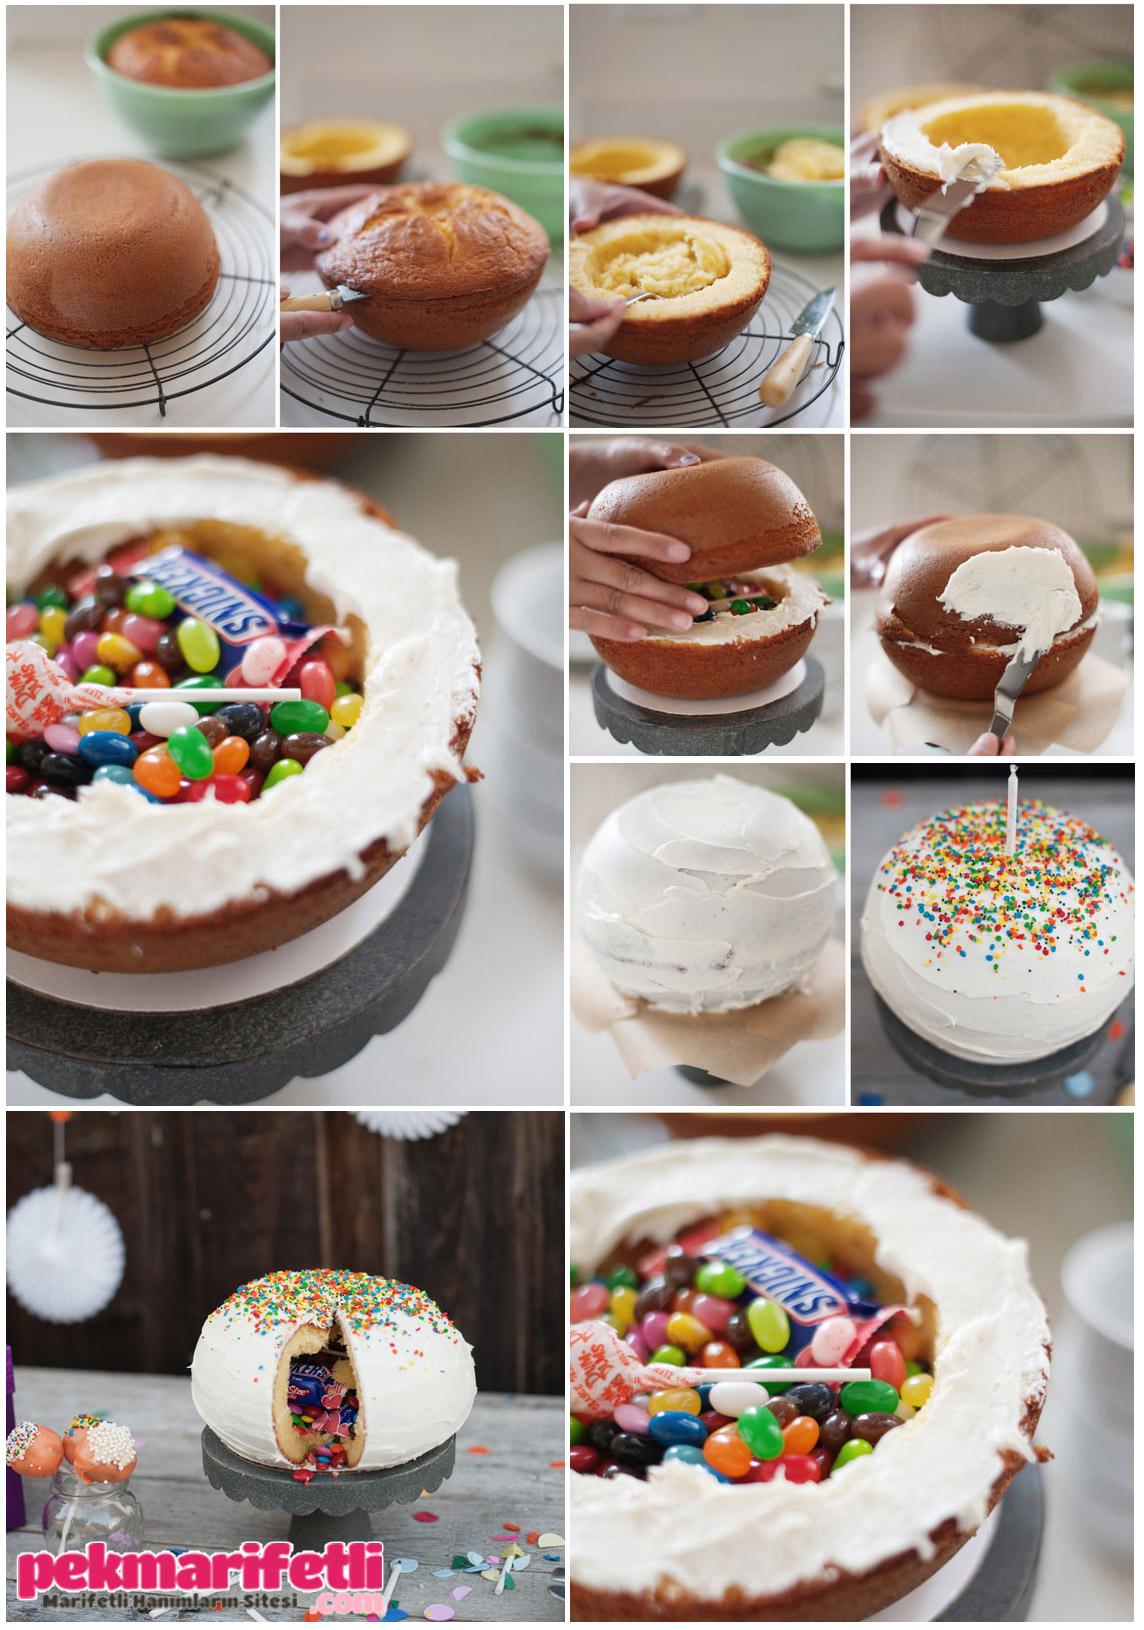 İçi süprizli çocuk pastası ;)